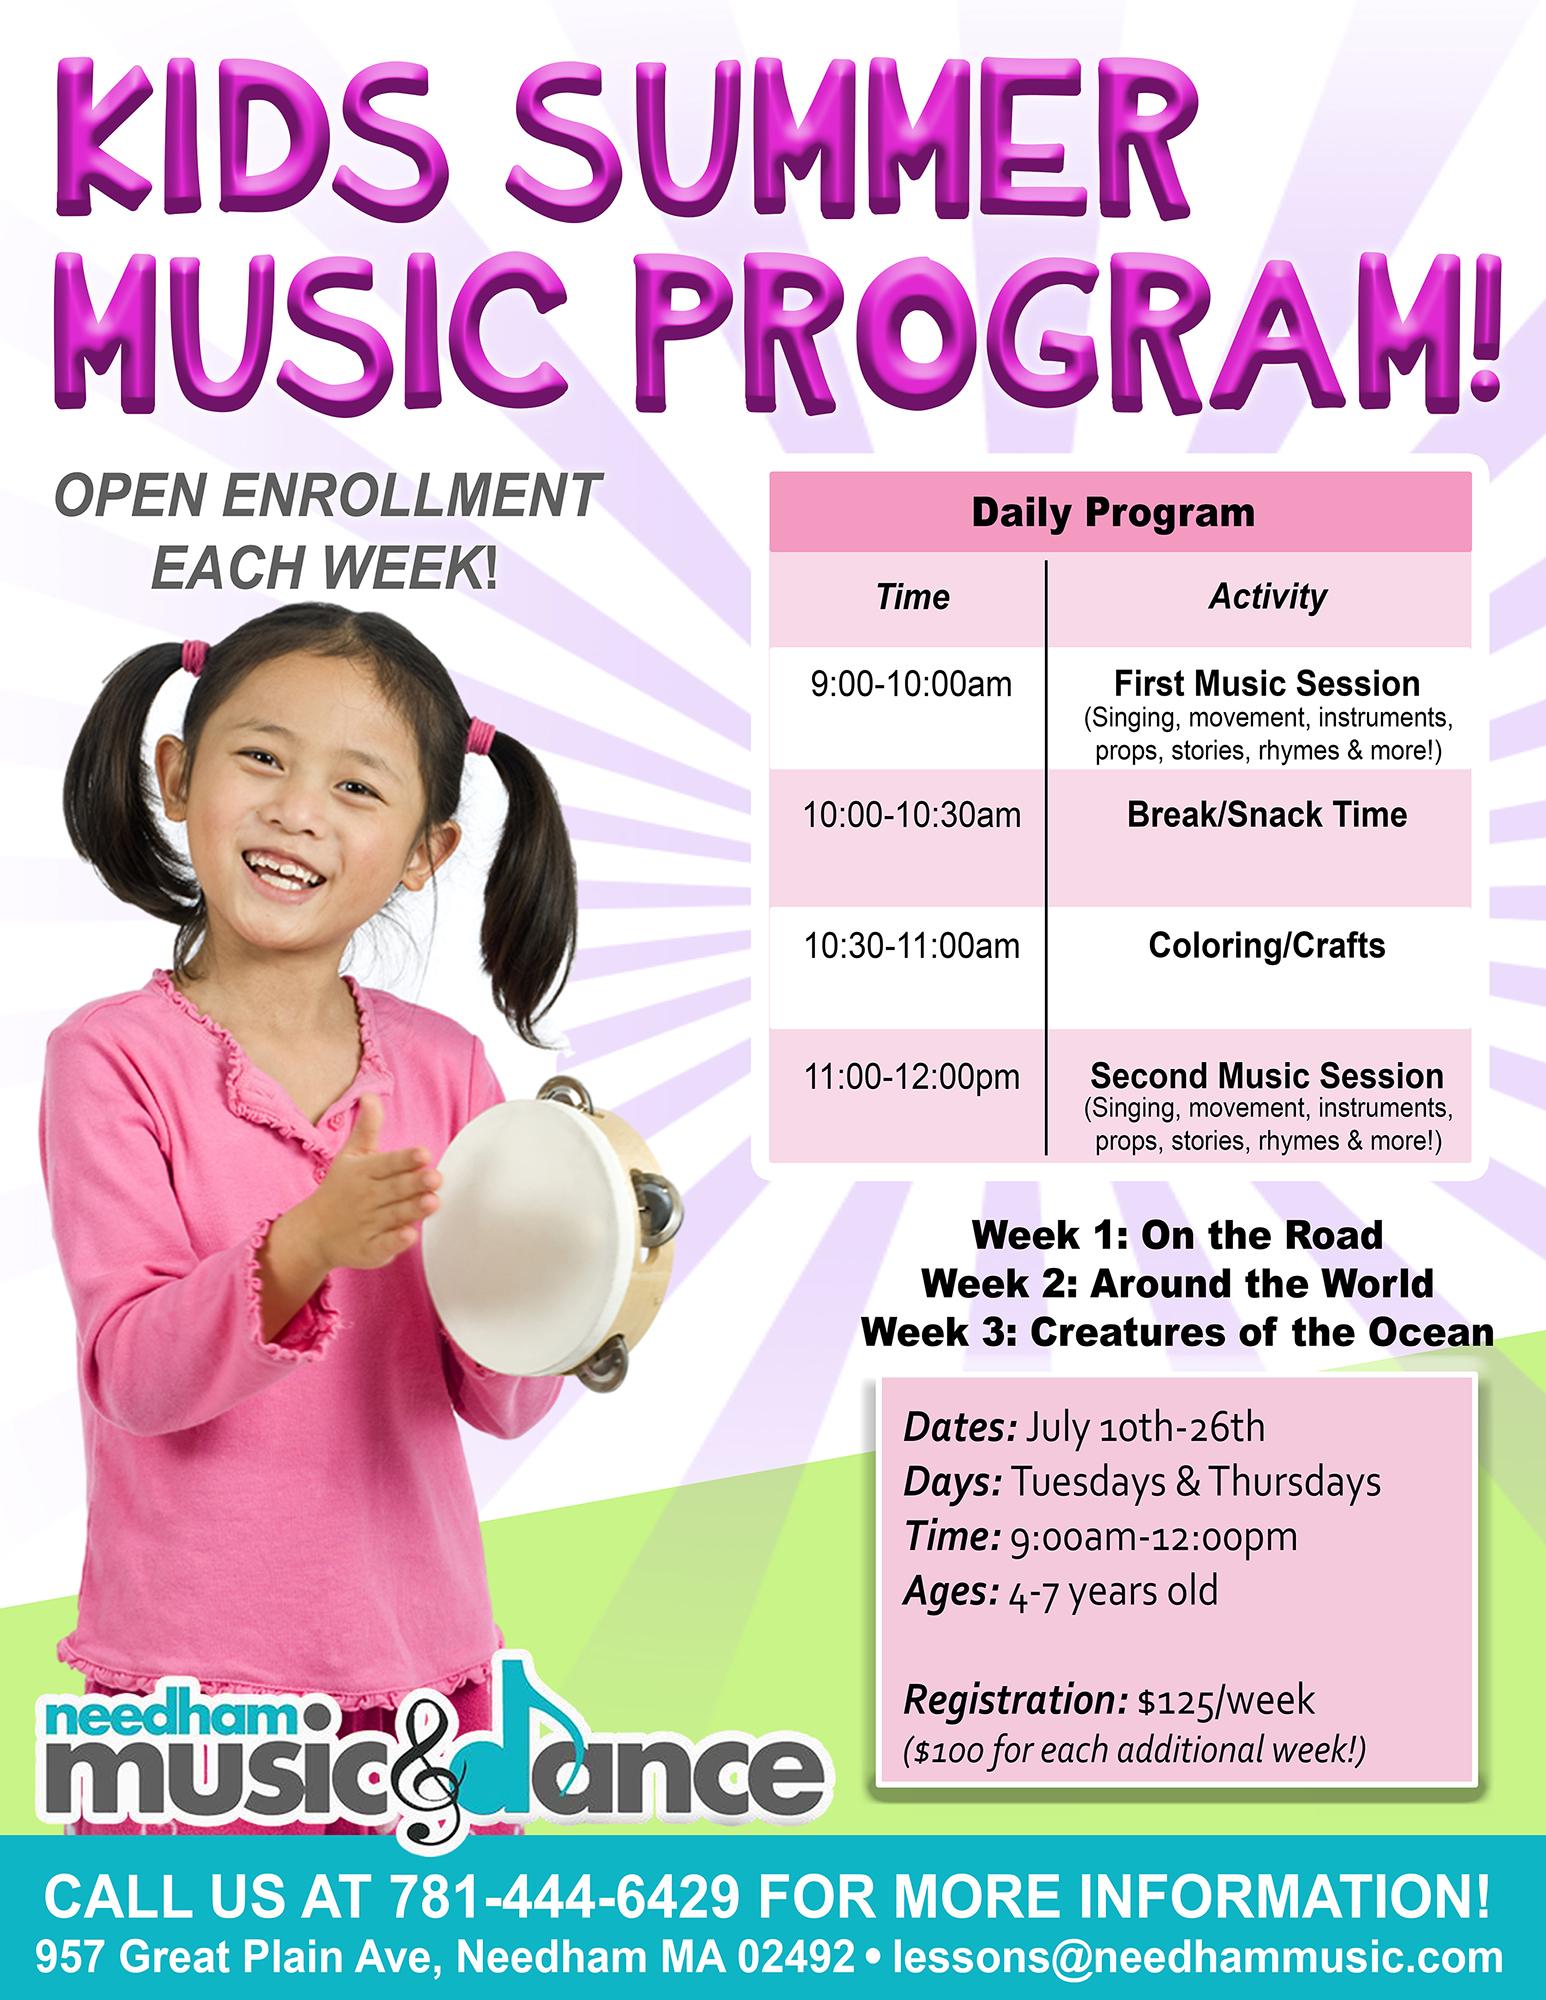 Kids Summer Music Program